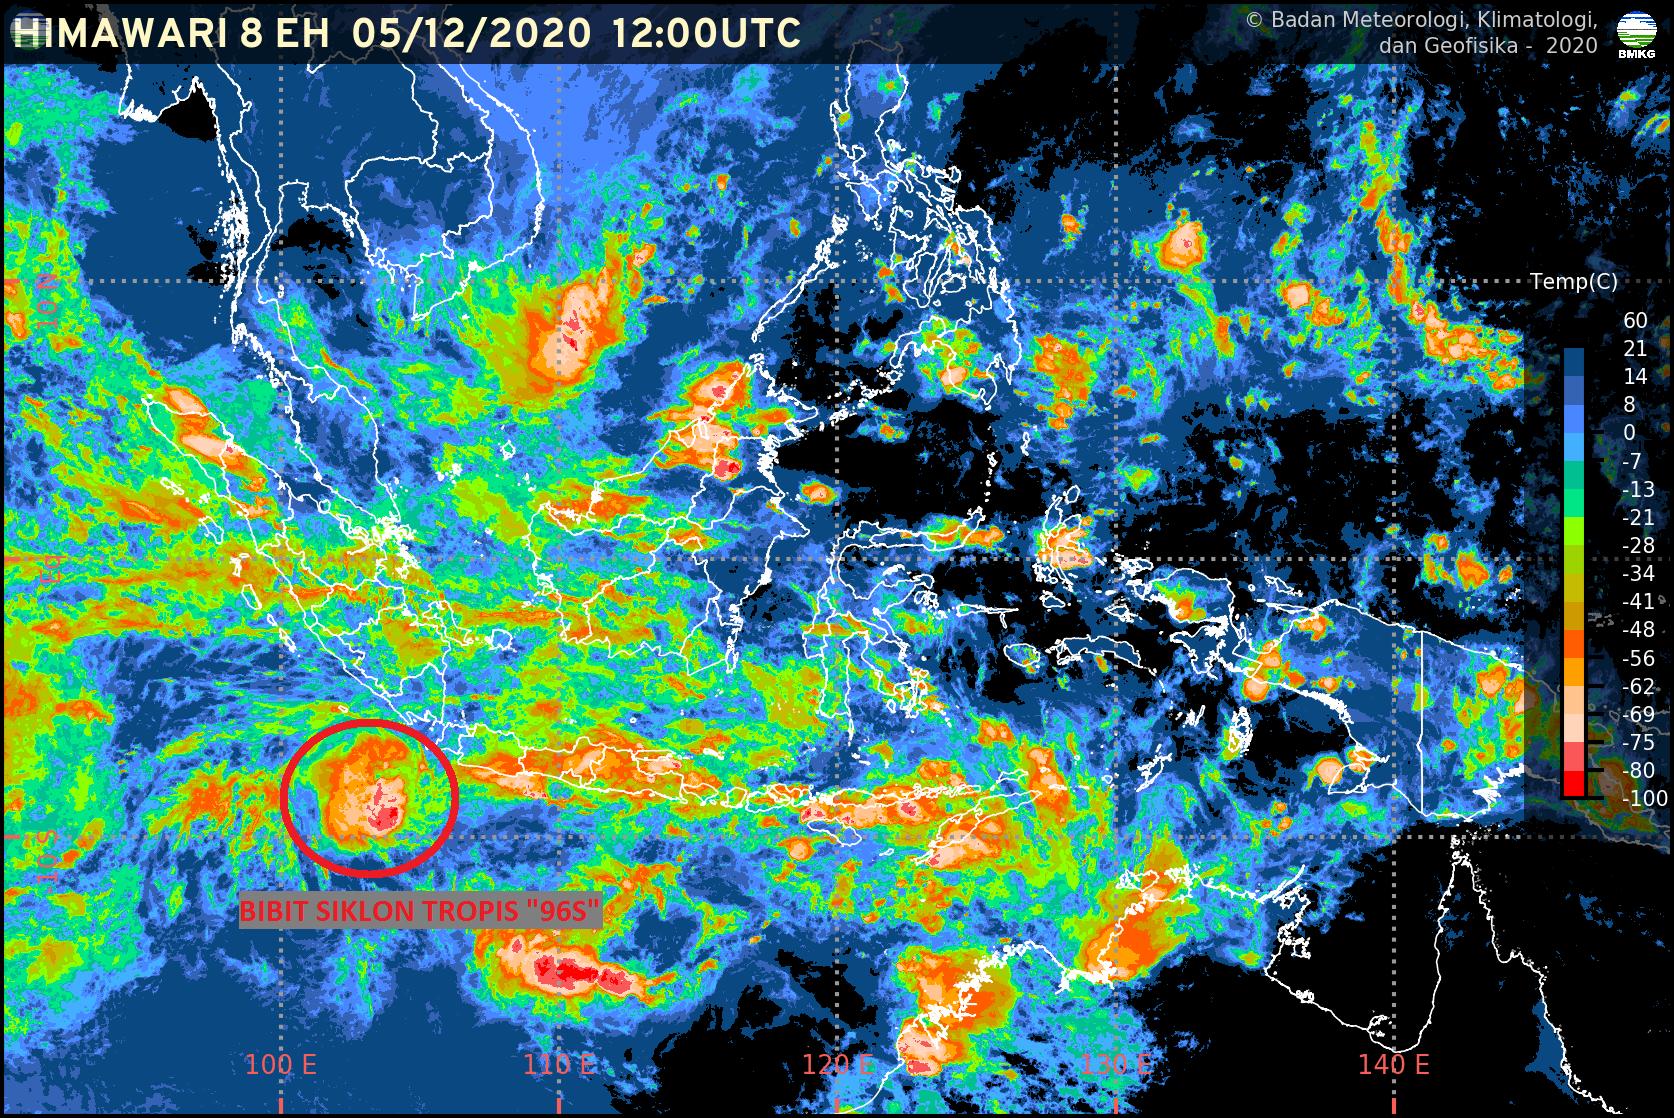 """Bibit Siklon Tropis """"96S"""" di Samudra Hindia Sebelah Selatan Banten Berpotensi Tingkatkan Curah Hujan"""